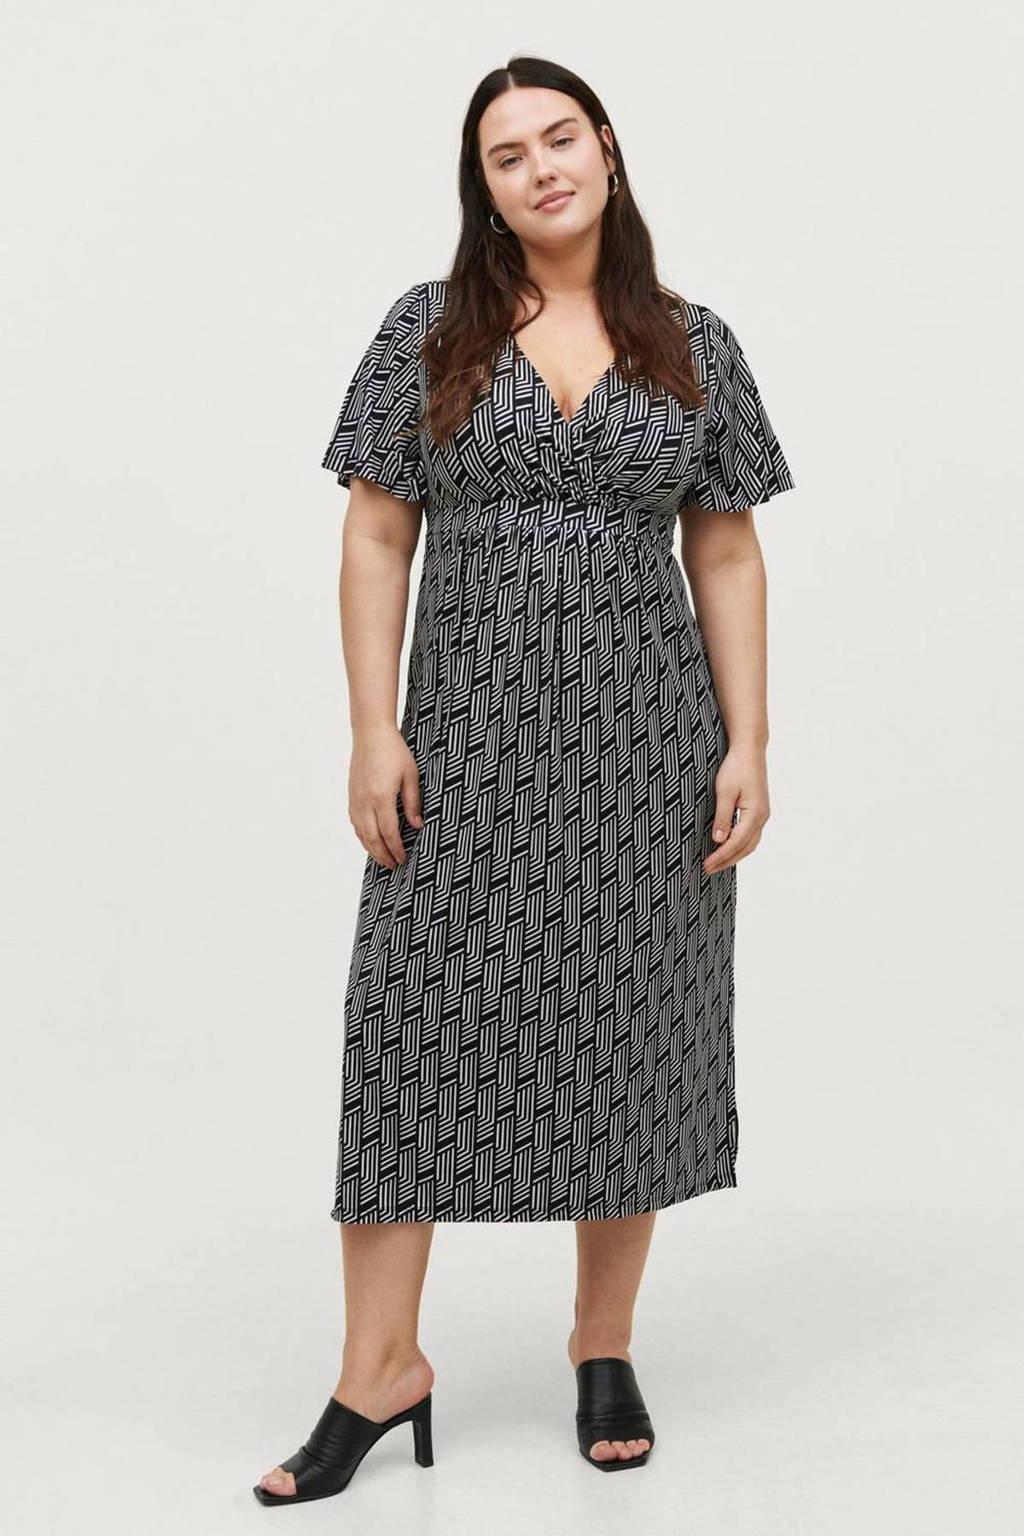 Ellos jurk BEATA met all over print zwart/wit, Zwart/wit